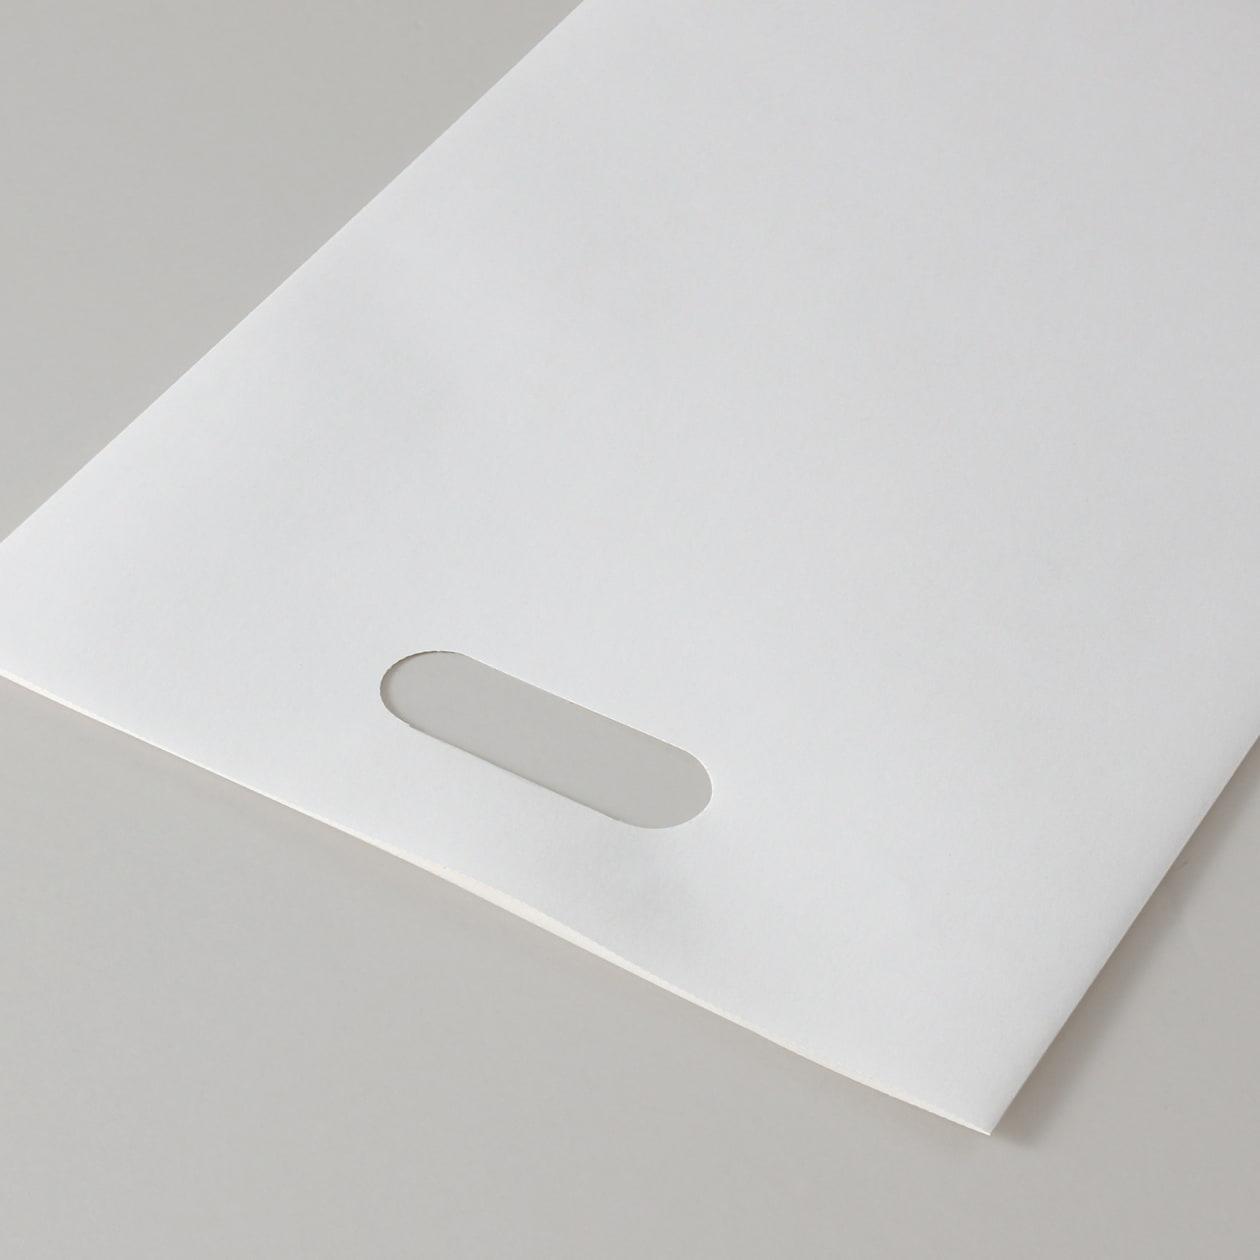 平袋A4用持ち手付 HAGURUMA Basic プレインホワイト 100g